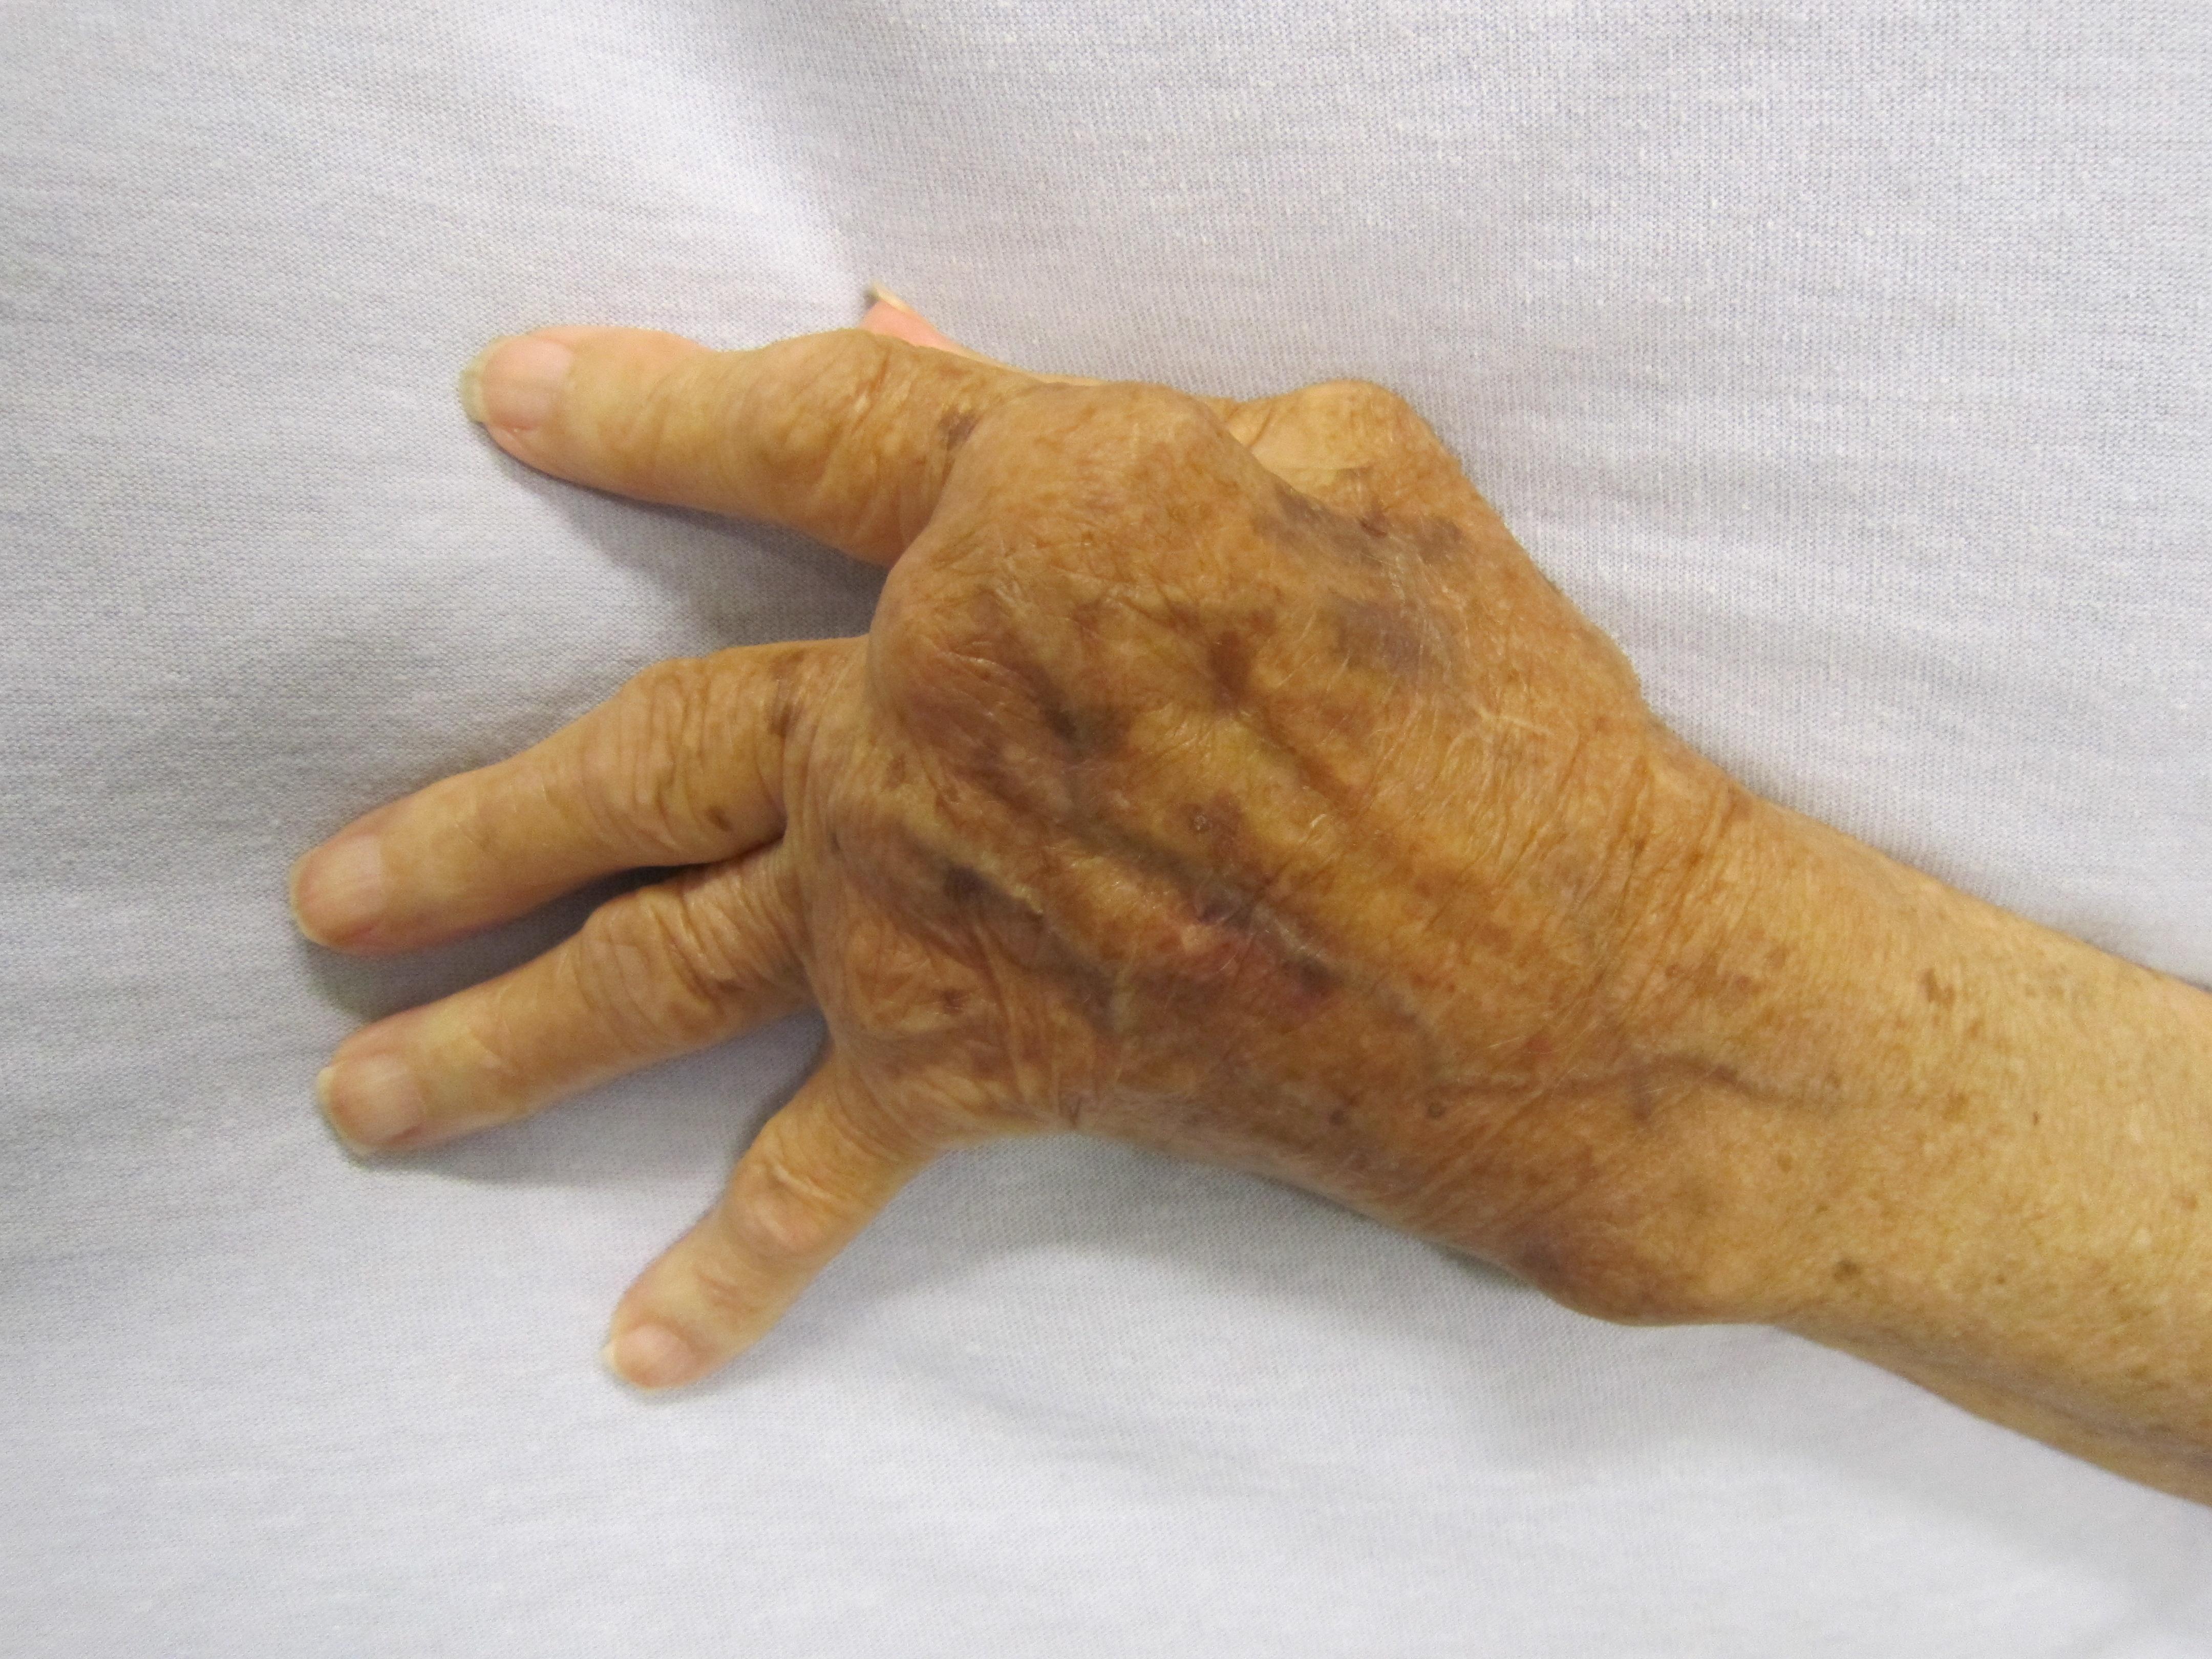 mellkasi csontritkulás és ízületi fájdalmak